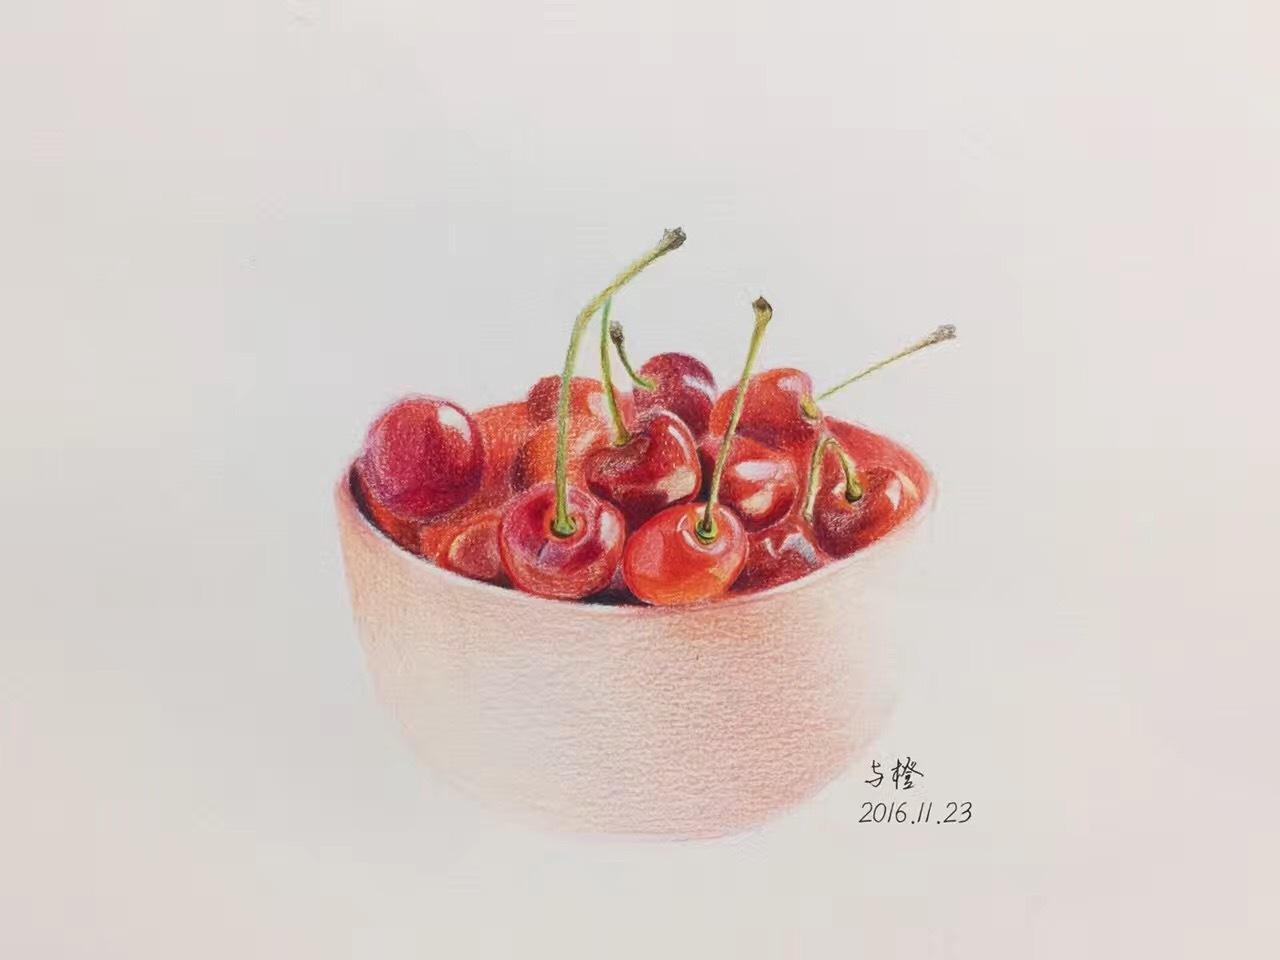 彩铅手绘-樱桃